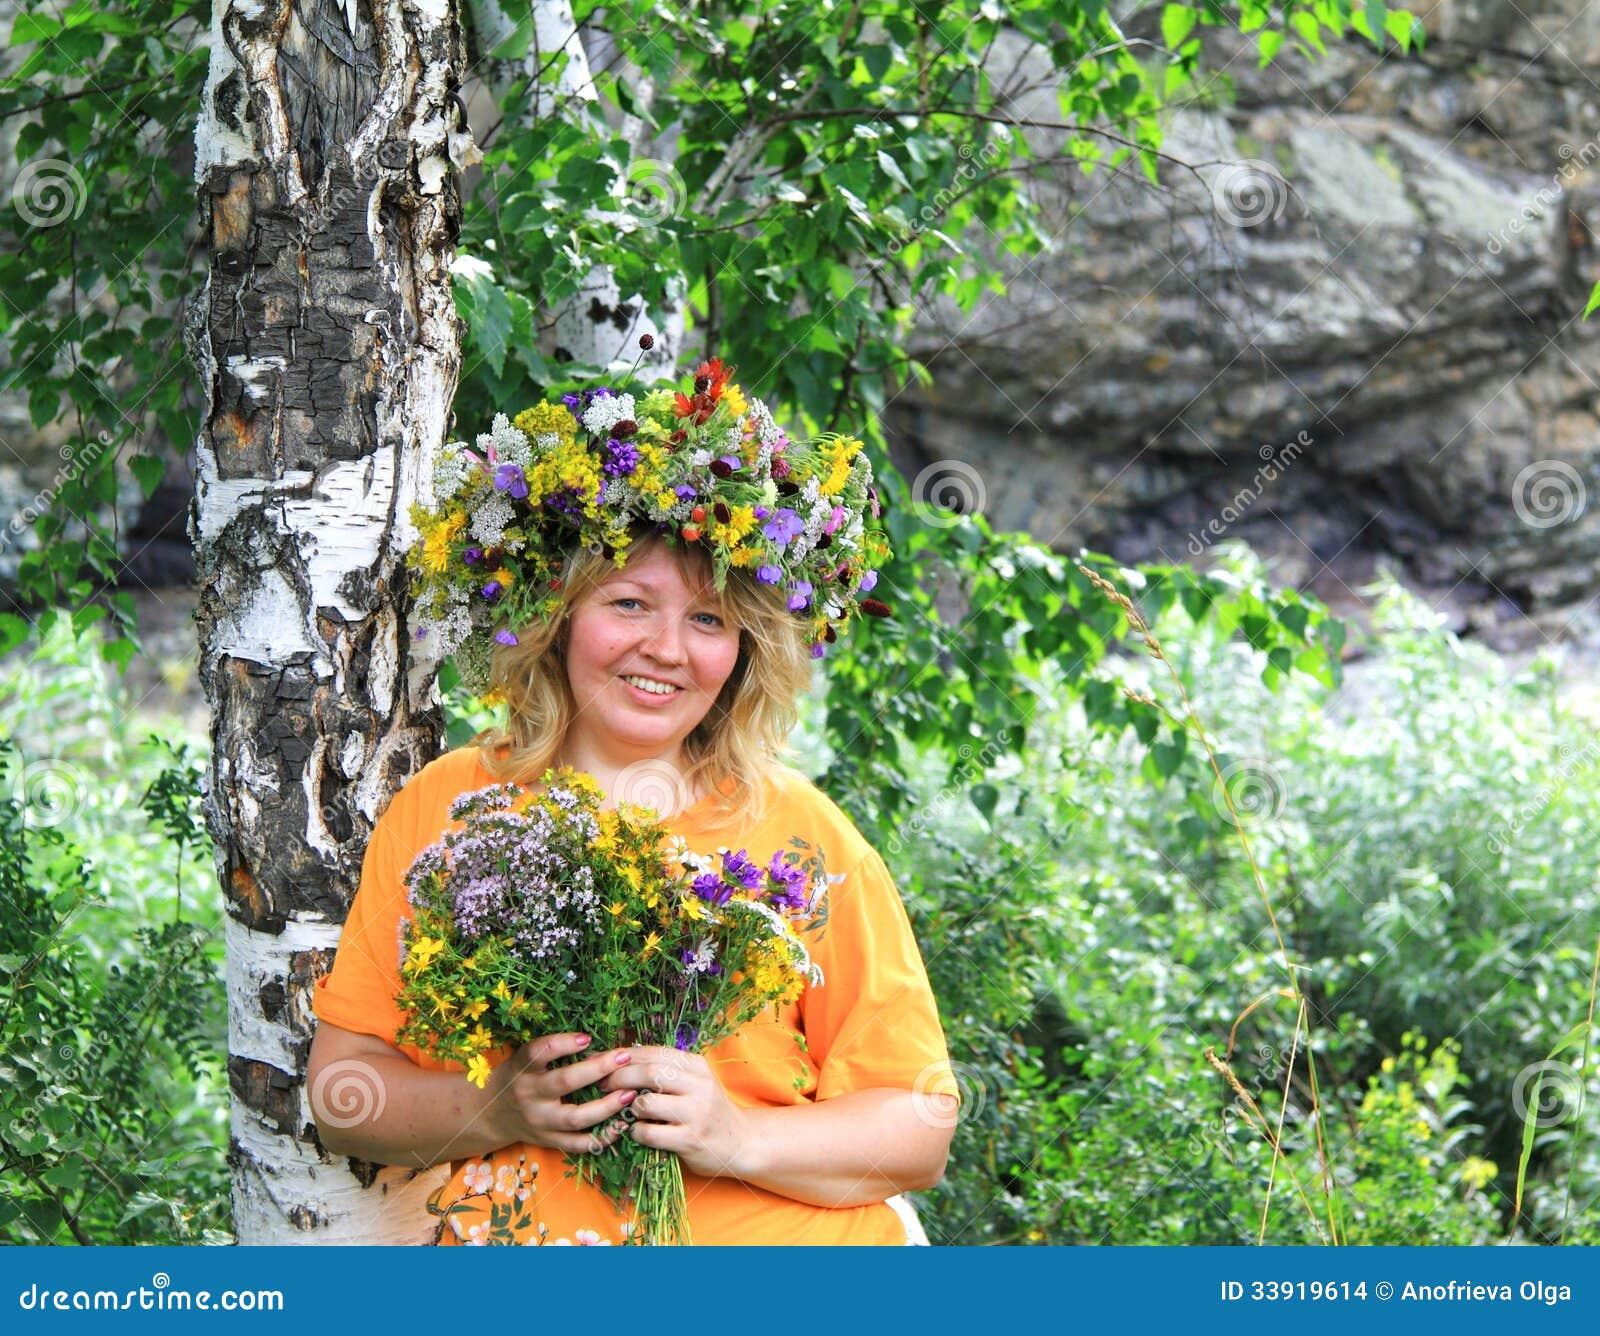 Χαμόγελο της όμορφης γυναίκας σε ένα στεφάνι λουλουδιών